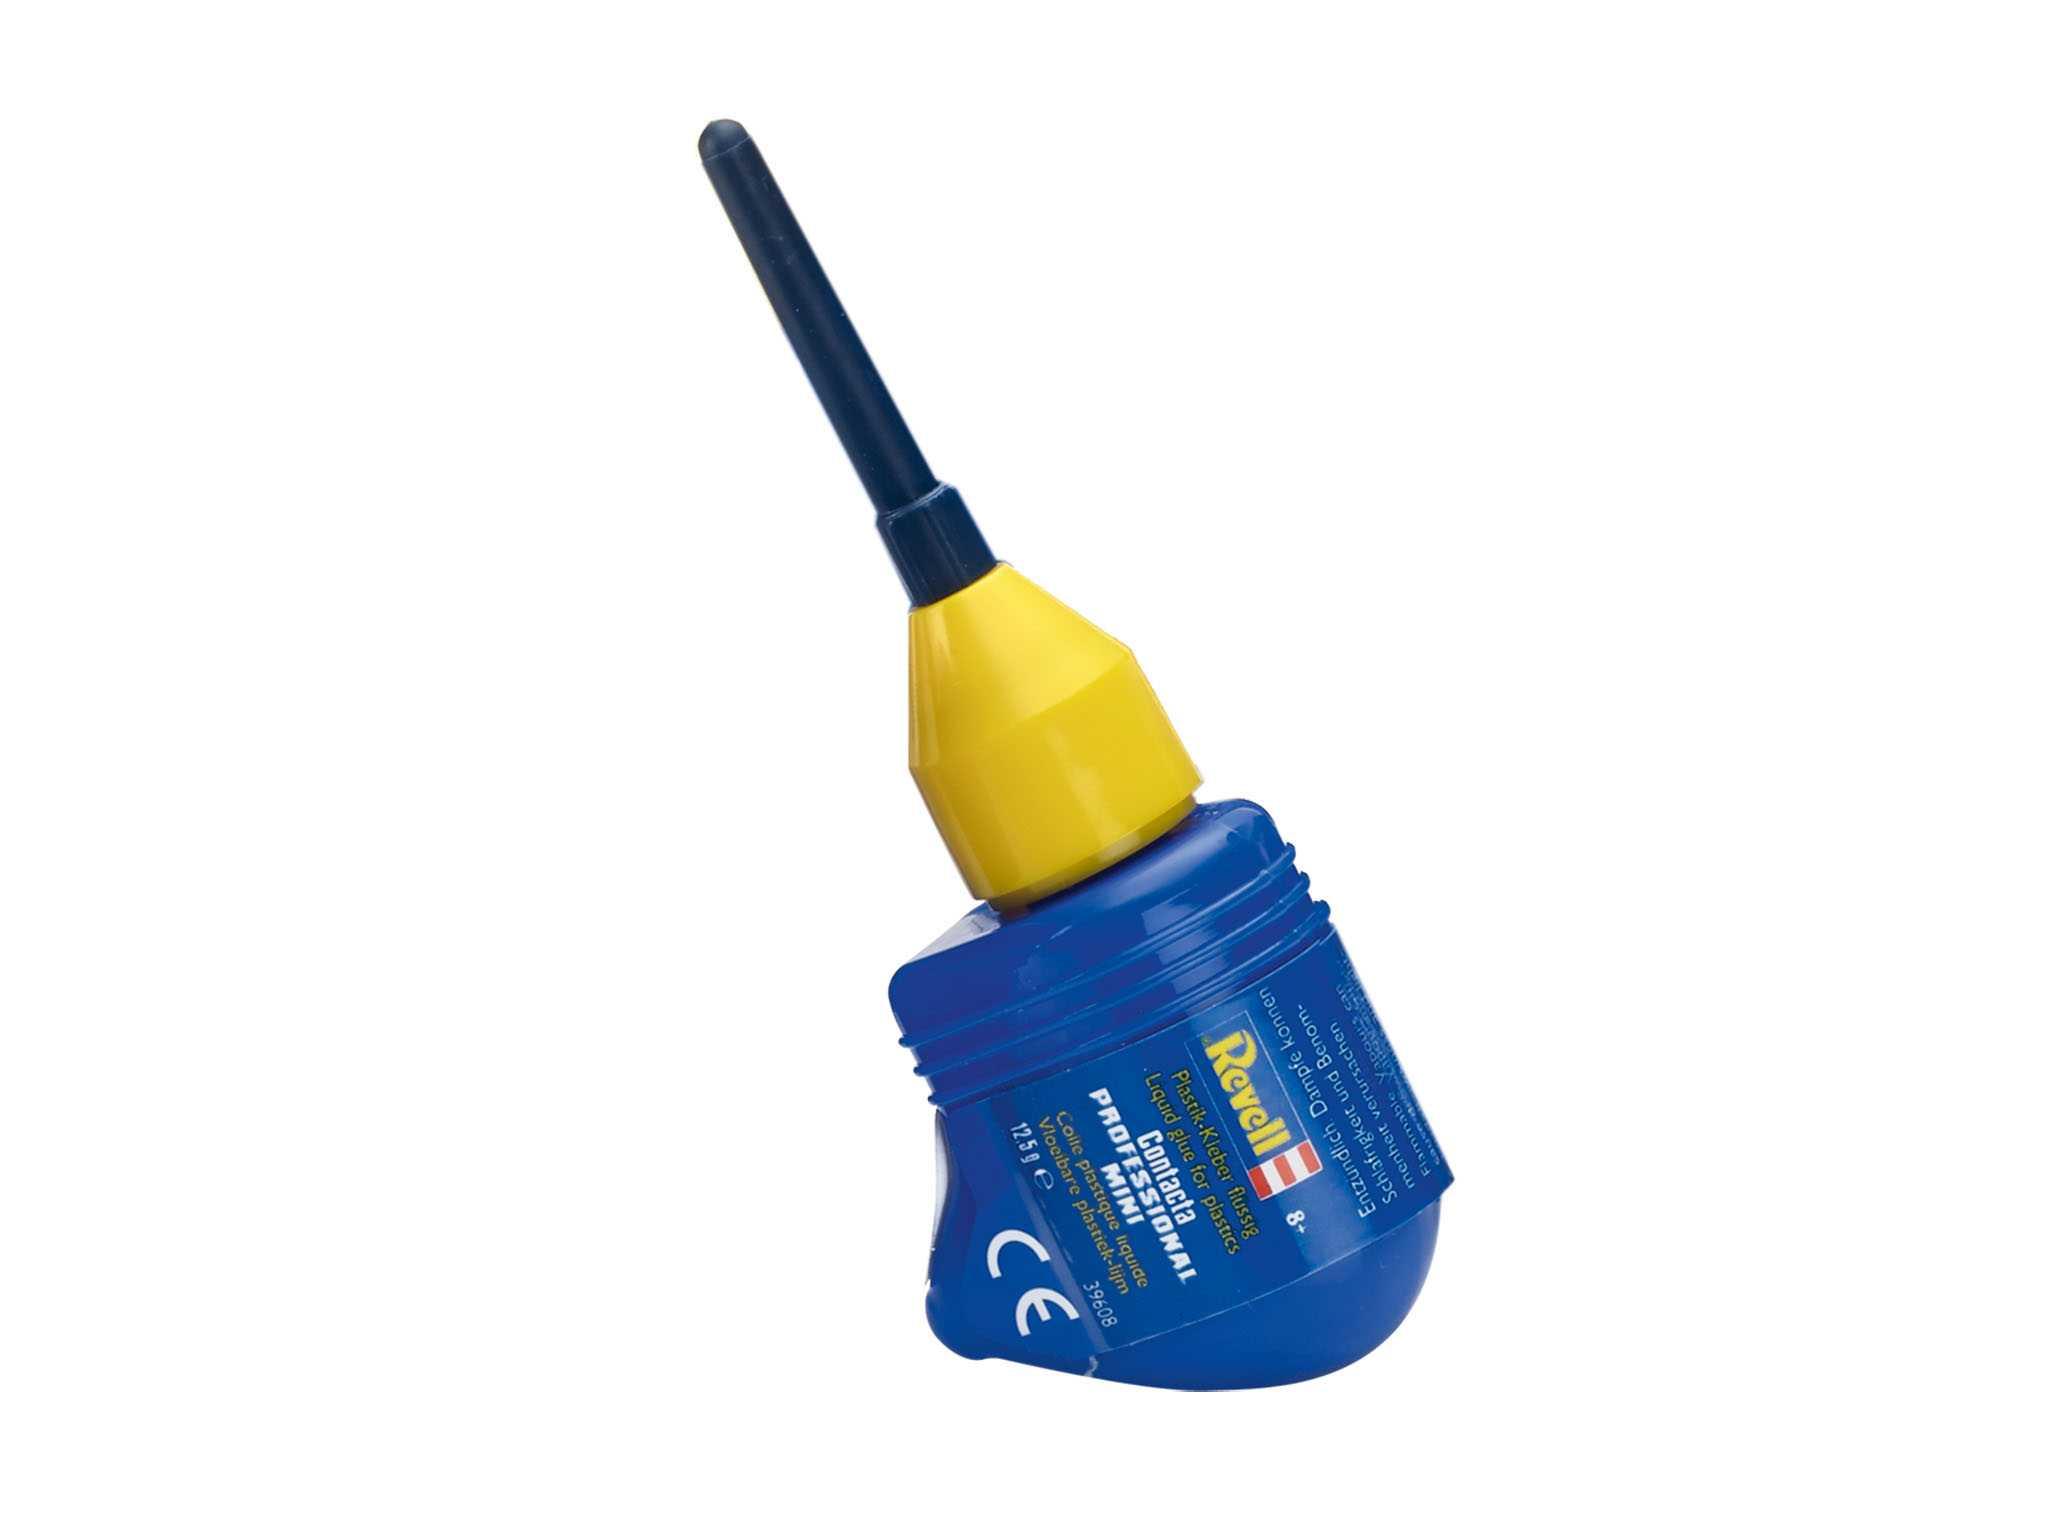 Lepidlo Revell Professional s ihlou 12,5g